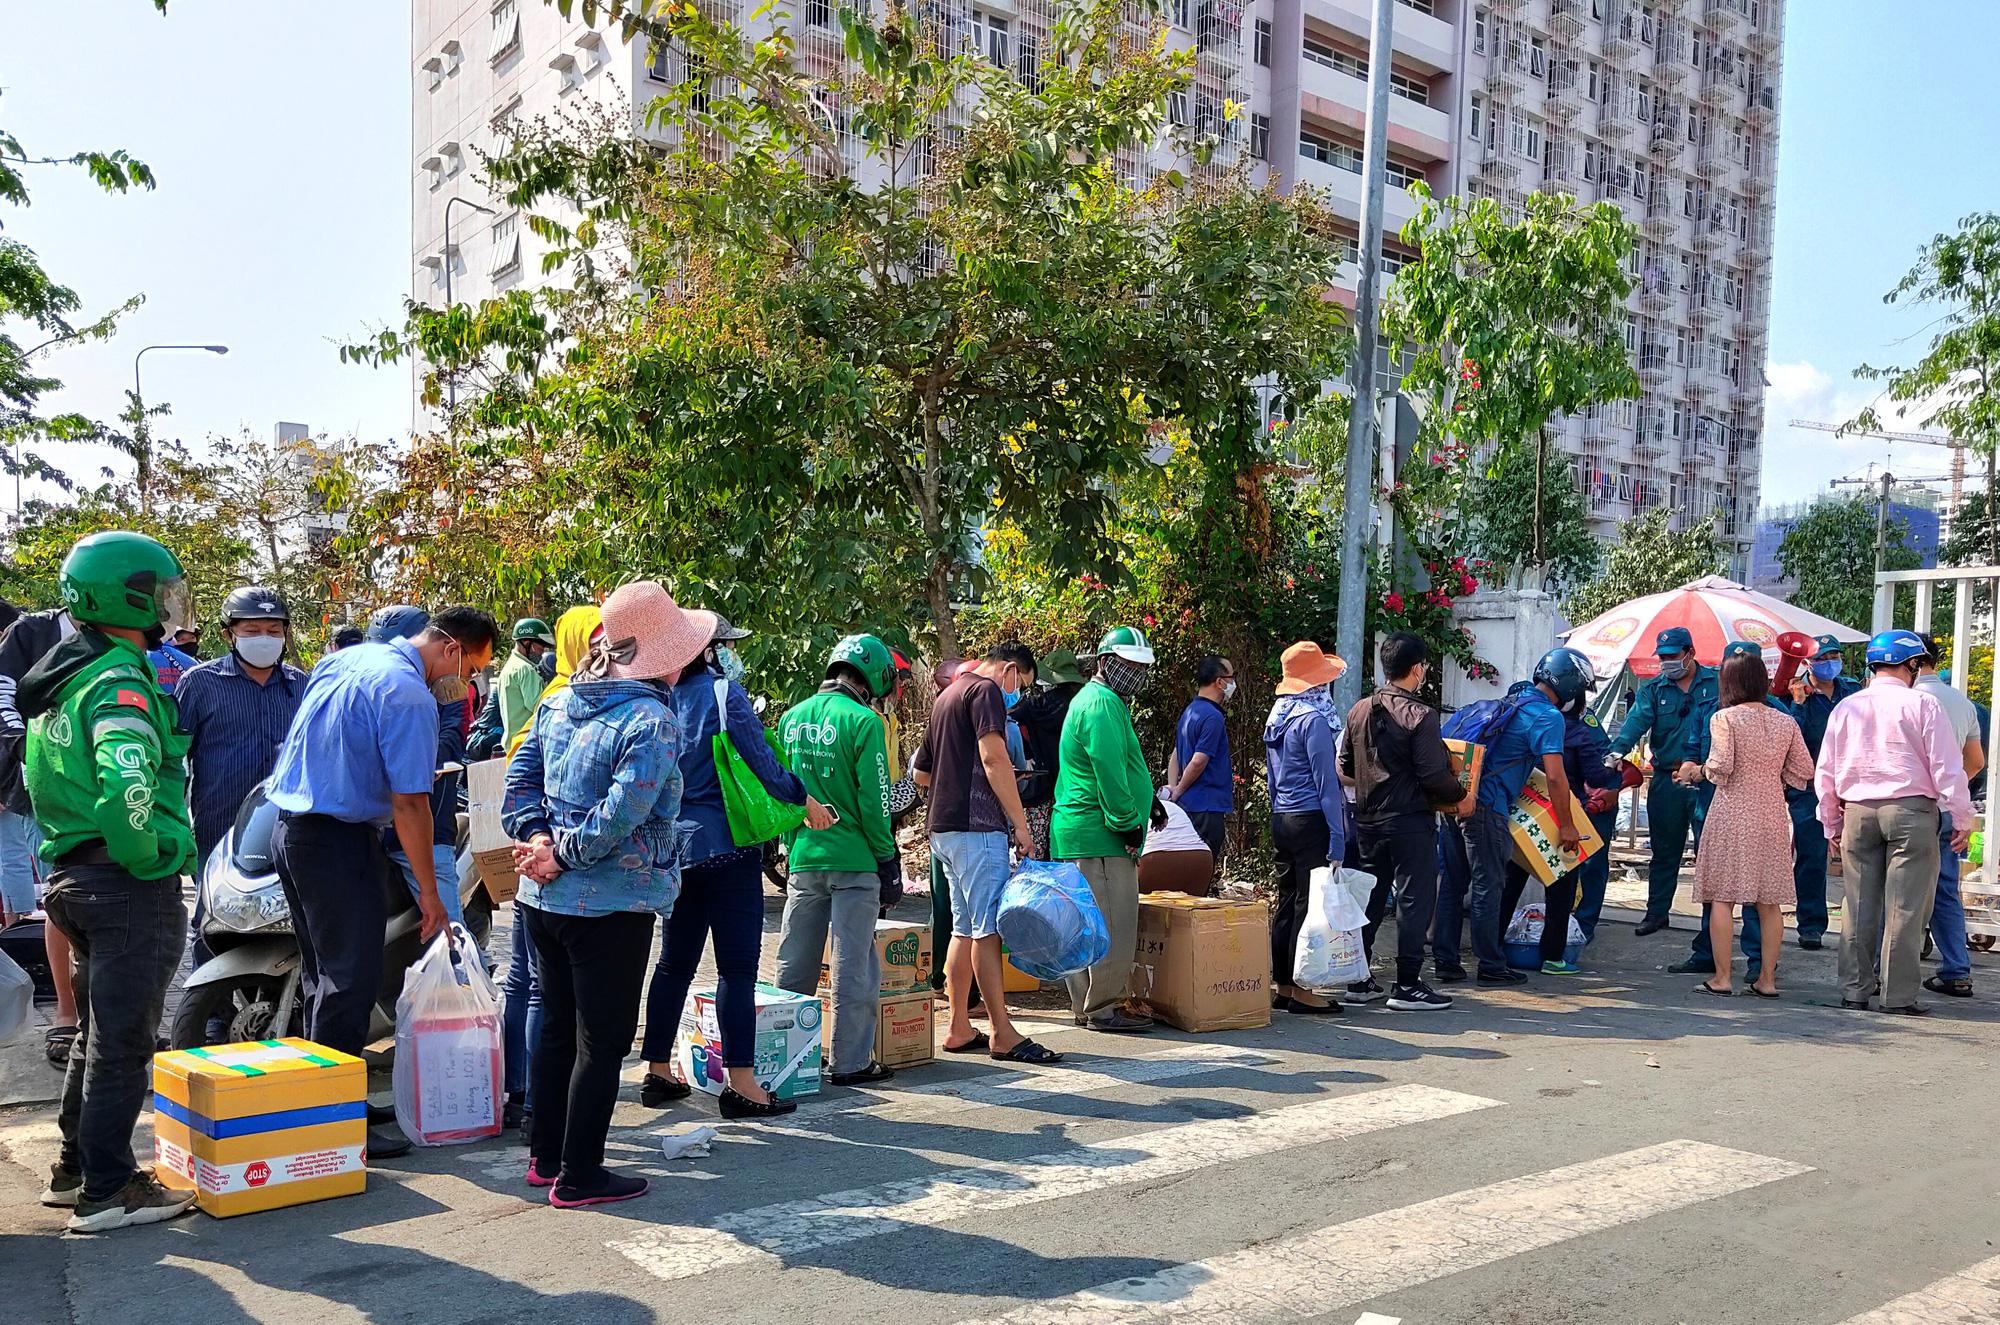 Hàng trăm người đội nắng để gửi đồ cho thân nhân trong khu cách li tại kí túc xá Đại học Quốc gia TP HCM - Ảnh 9.